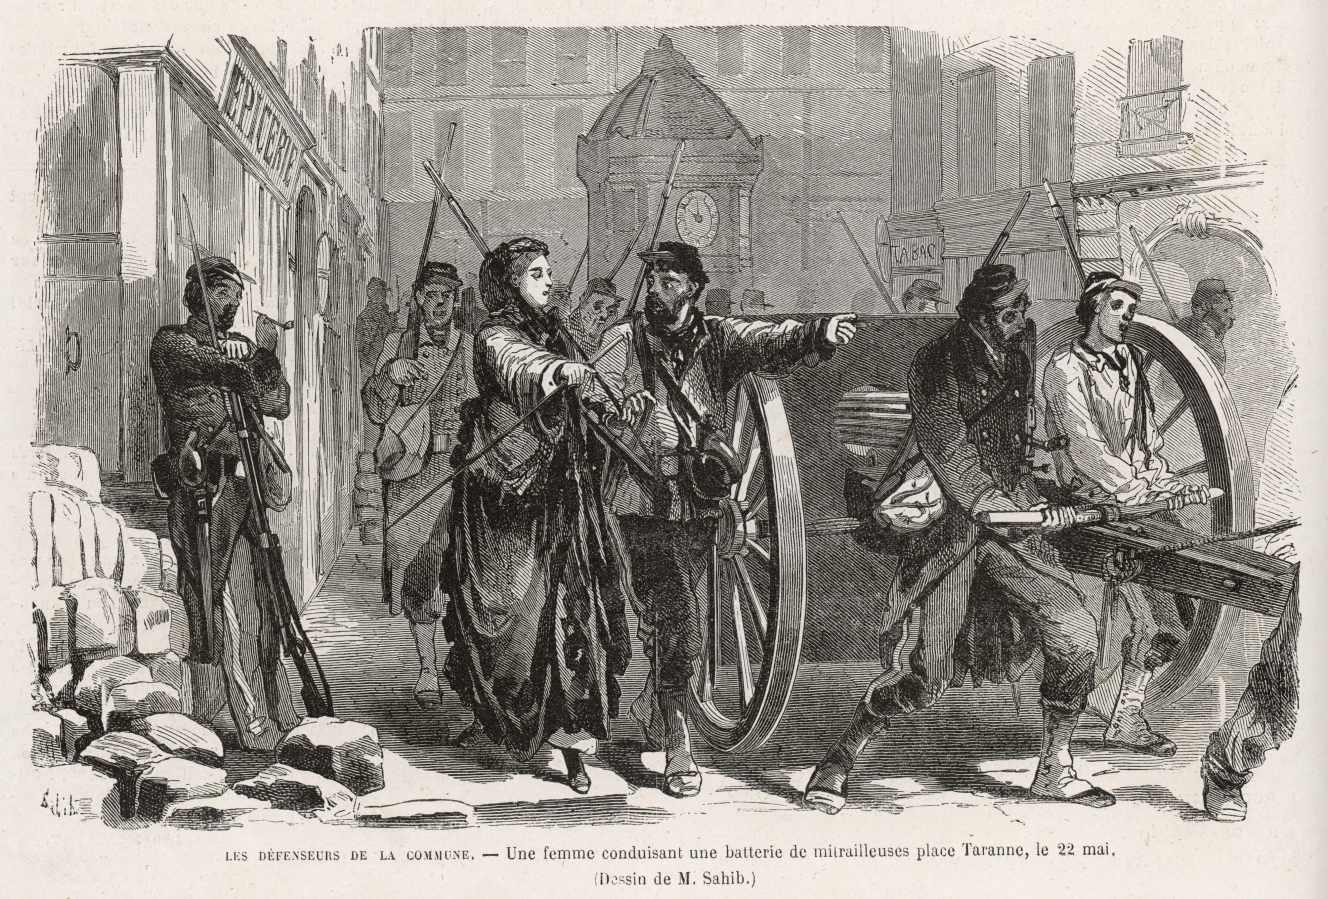 Comuna(s), 1870-1871: Una travesía de los mundos del siglo XIX